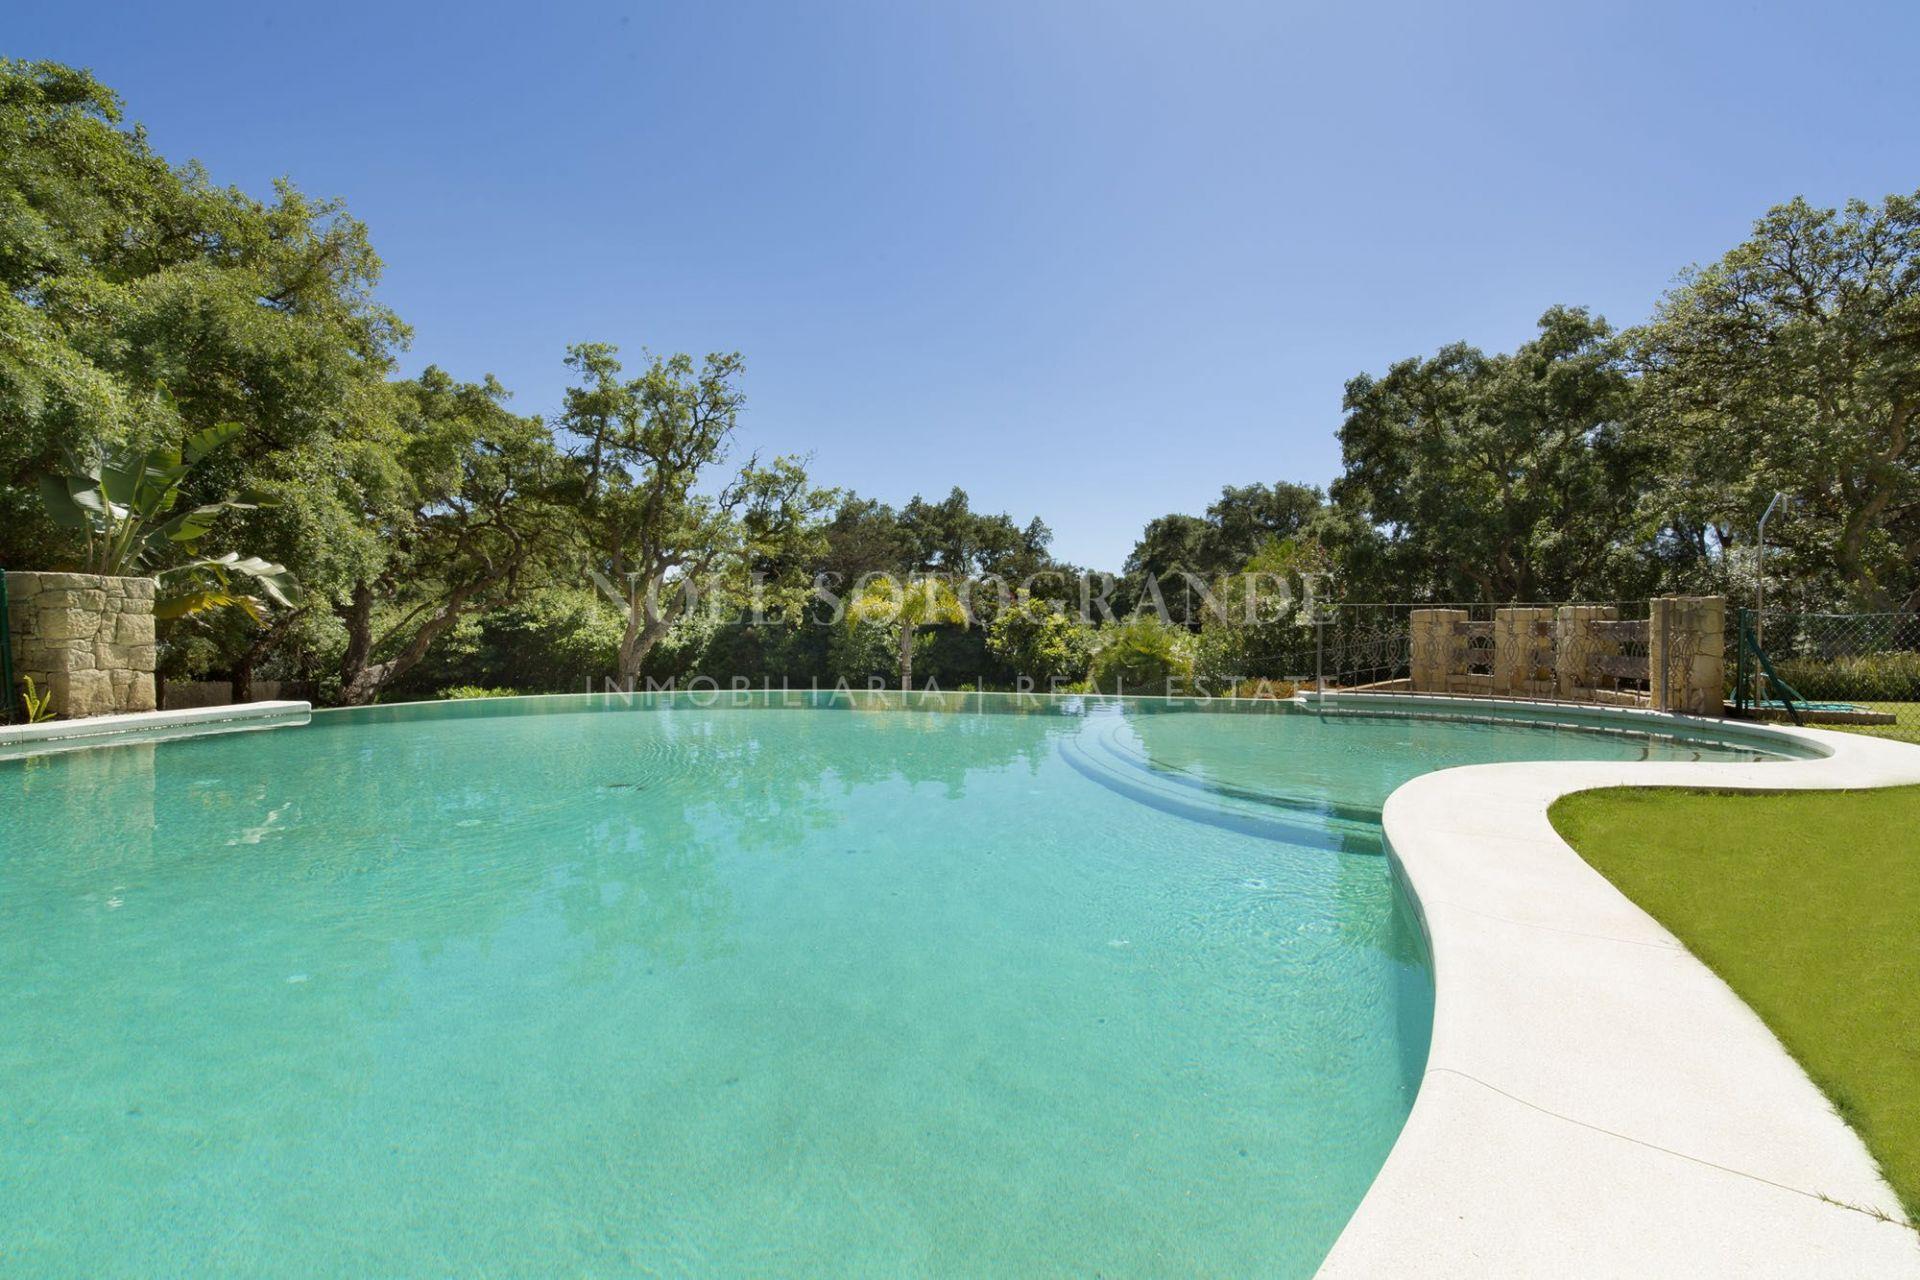 Sotogrande, Luxusvilla am Valderrama Golfplatz zu verkaufen